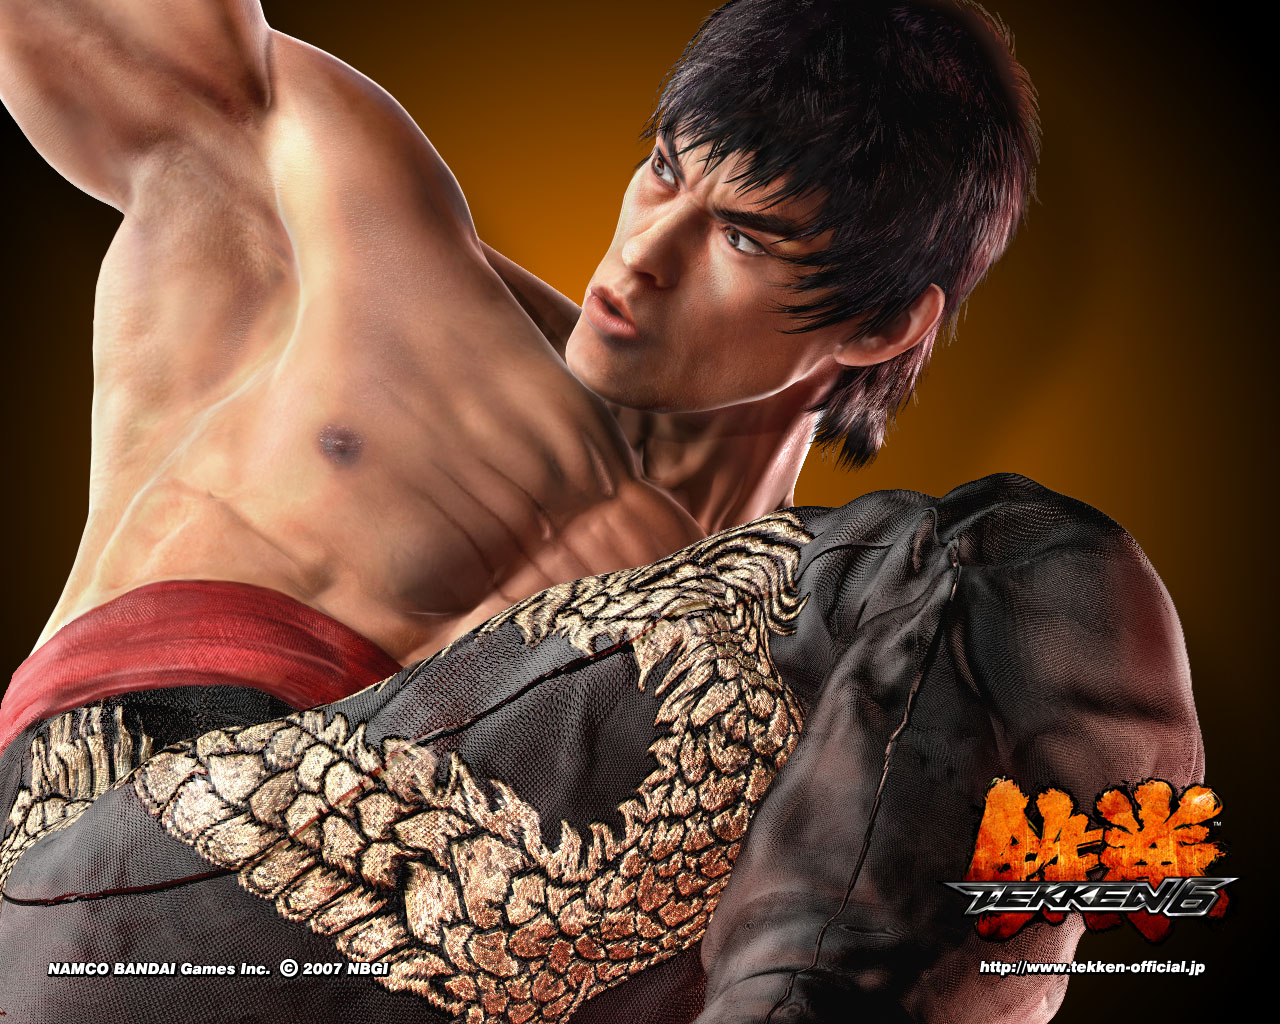 Tekken 6 HD Desktop Wallpapers Download Wallpapers in HD for your 1280x1024